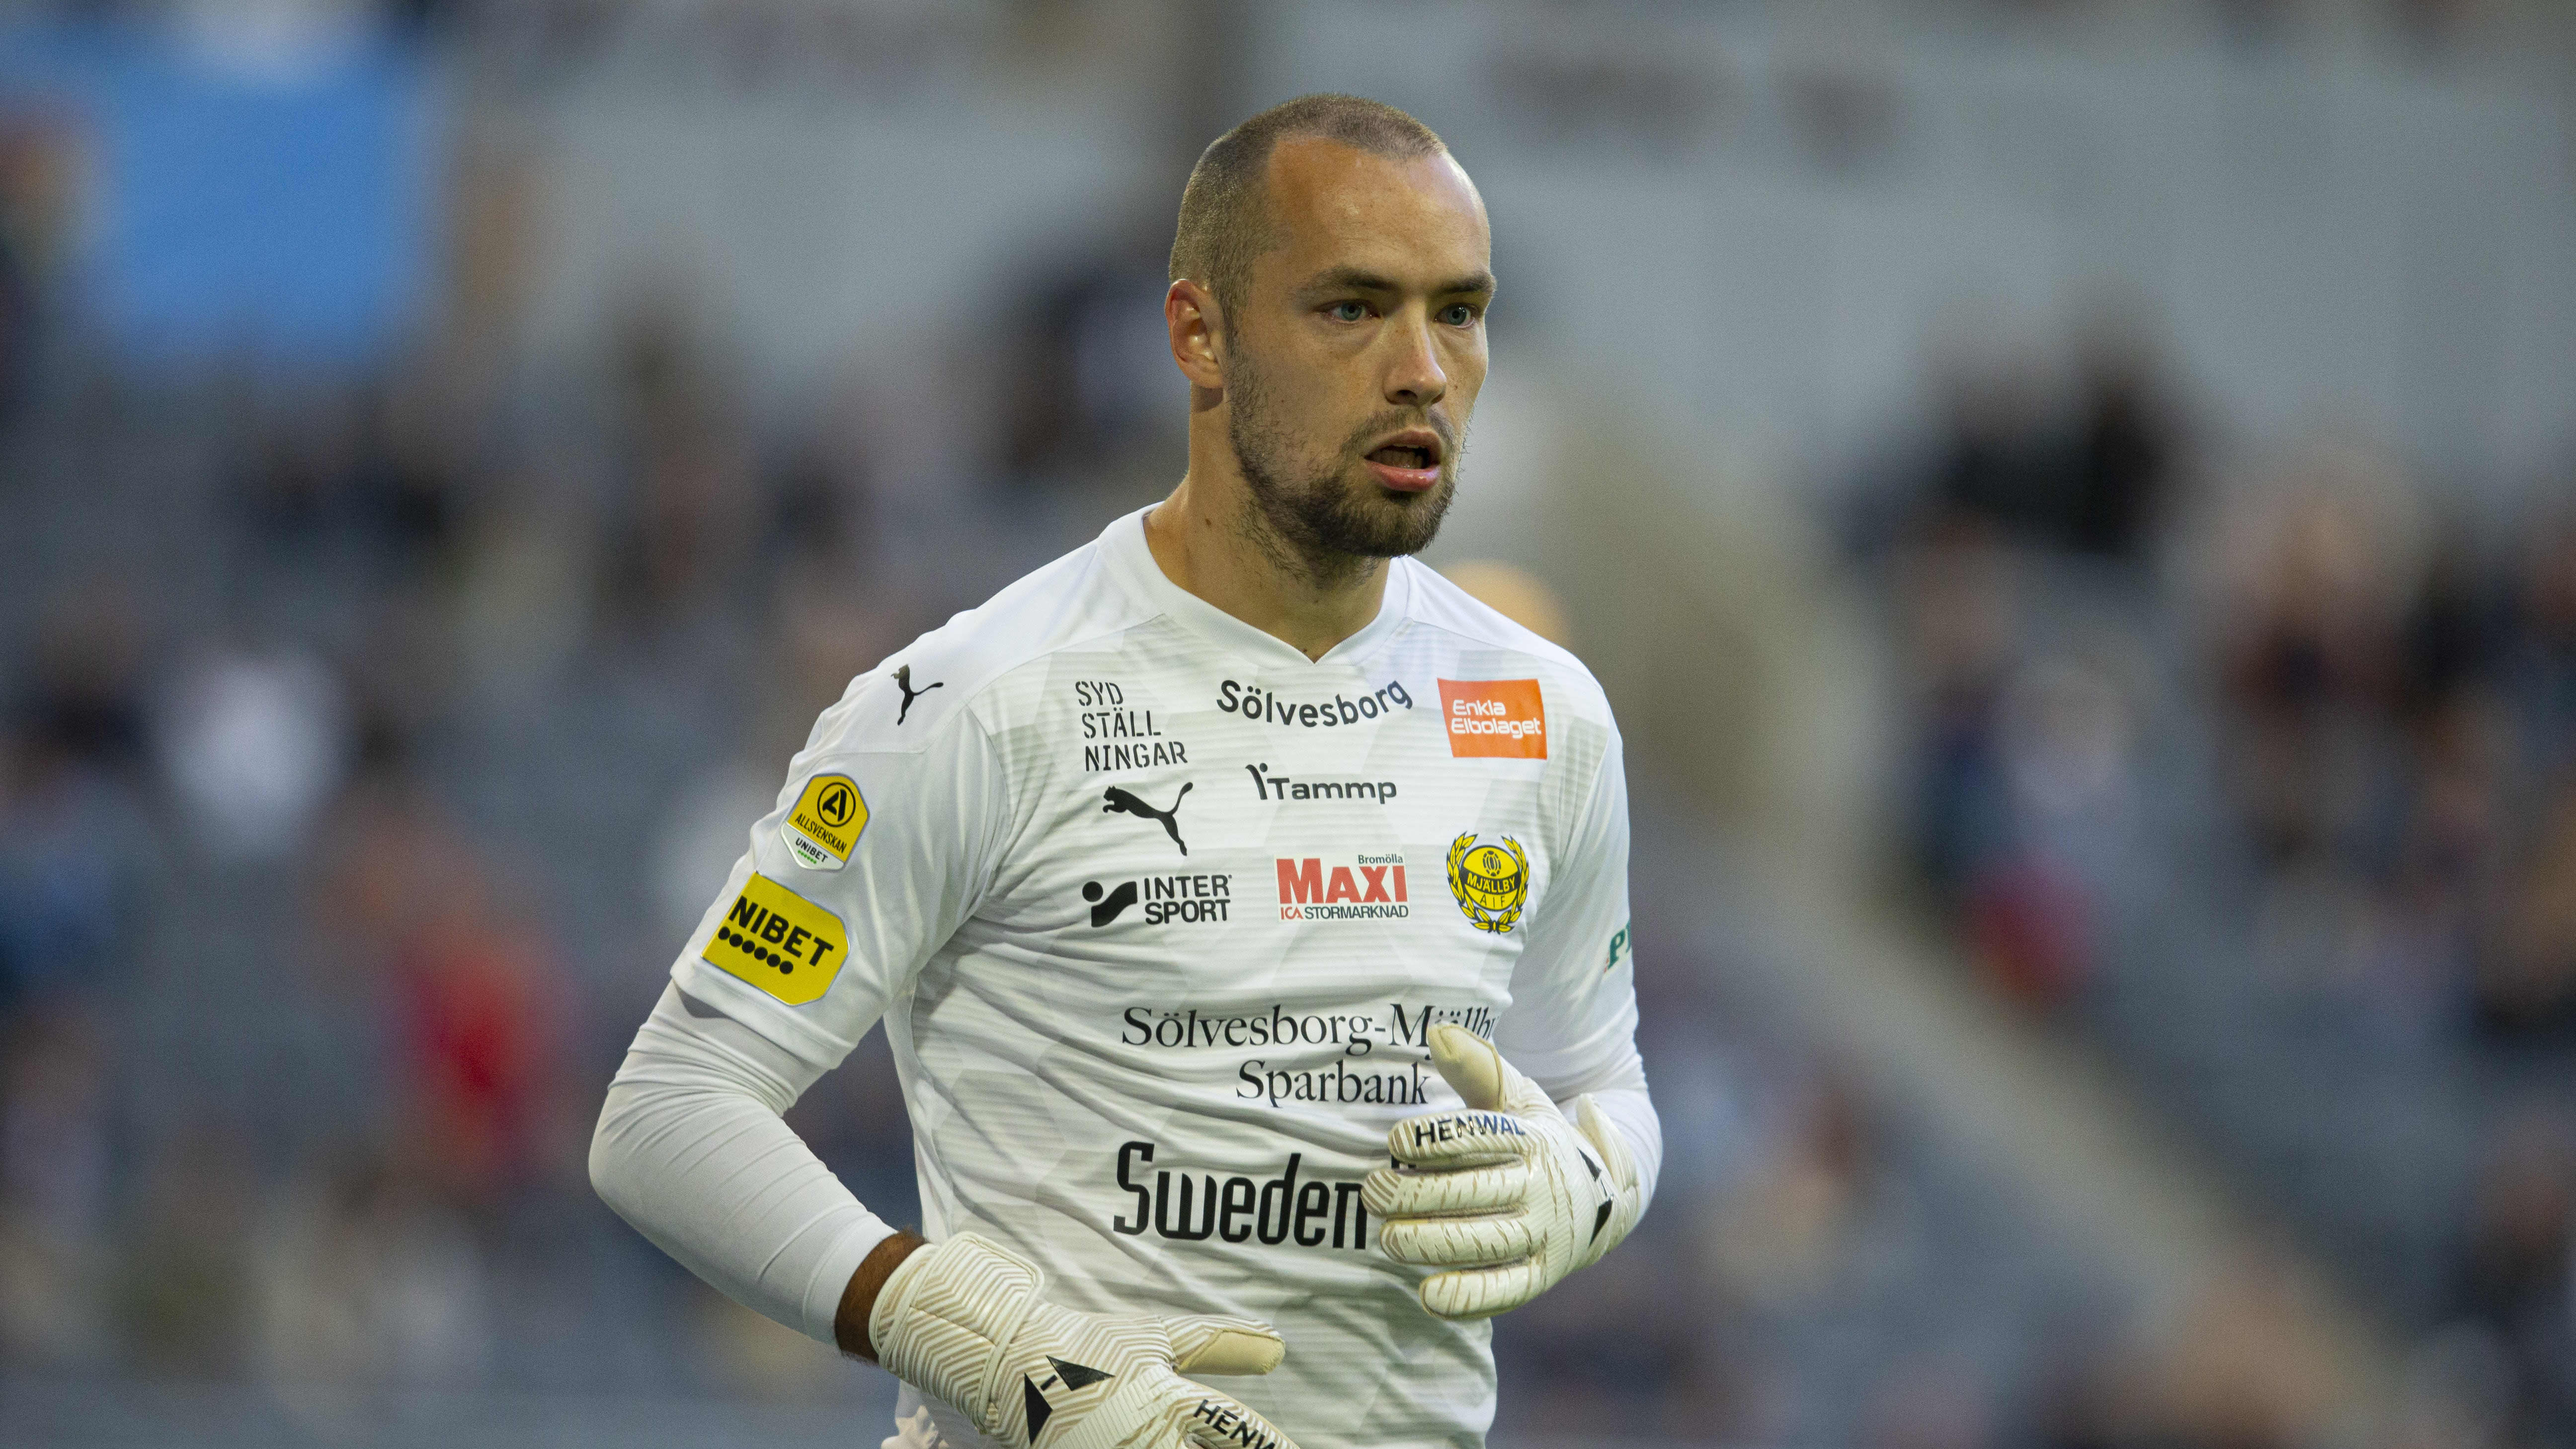 Carljohan Eriksson kuvassa